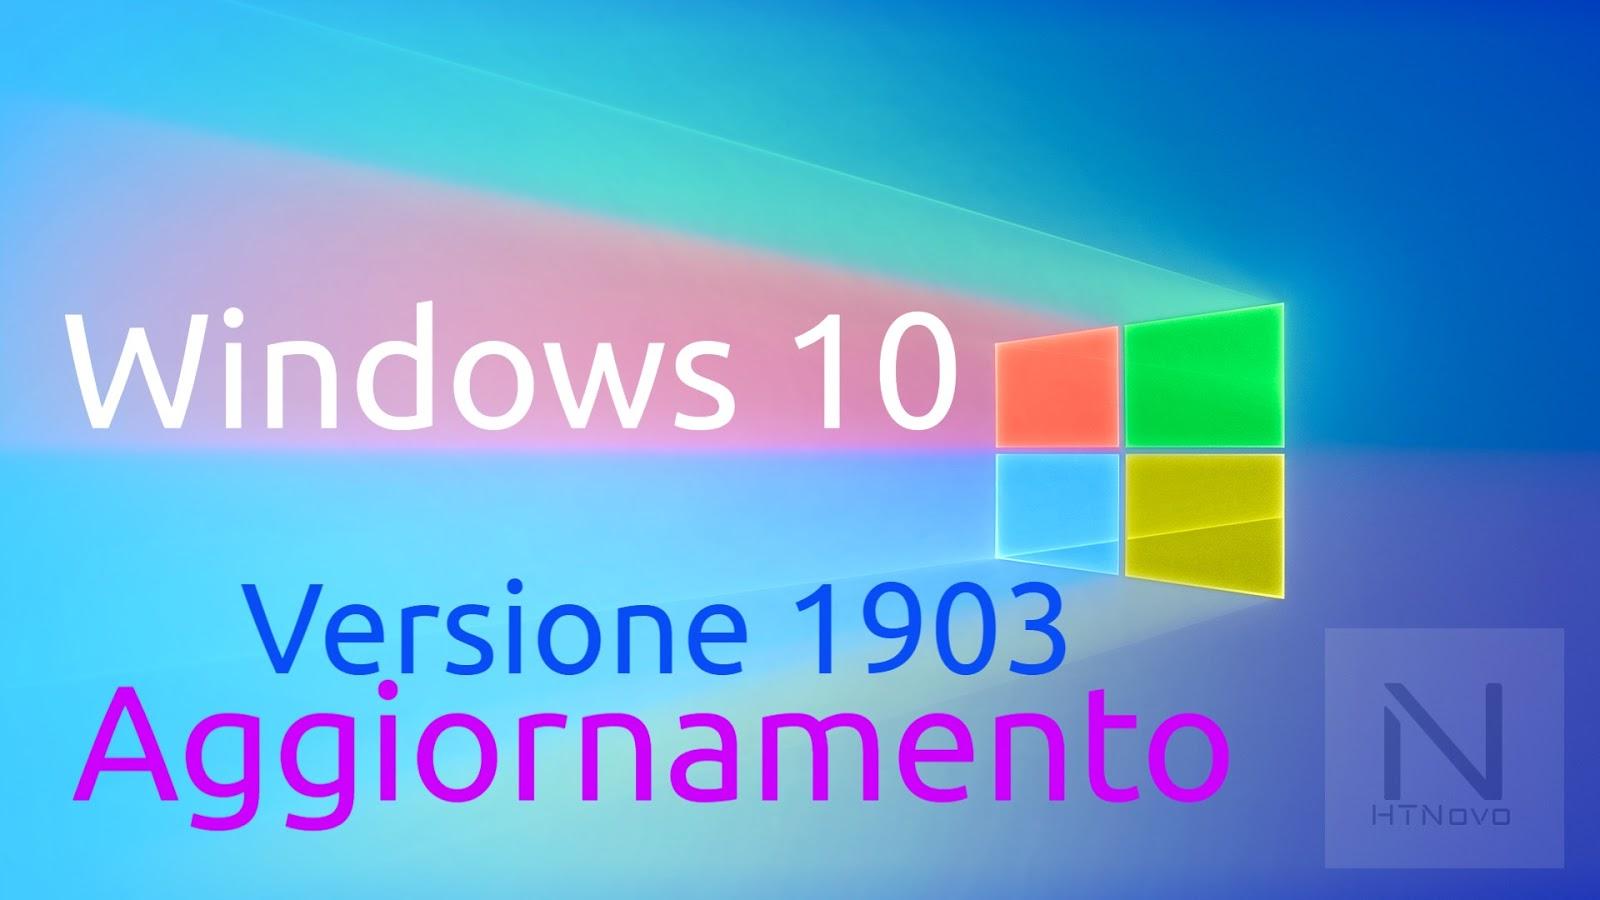 Aggiornamento-Windows-10-1903-Build-18362.239